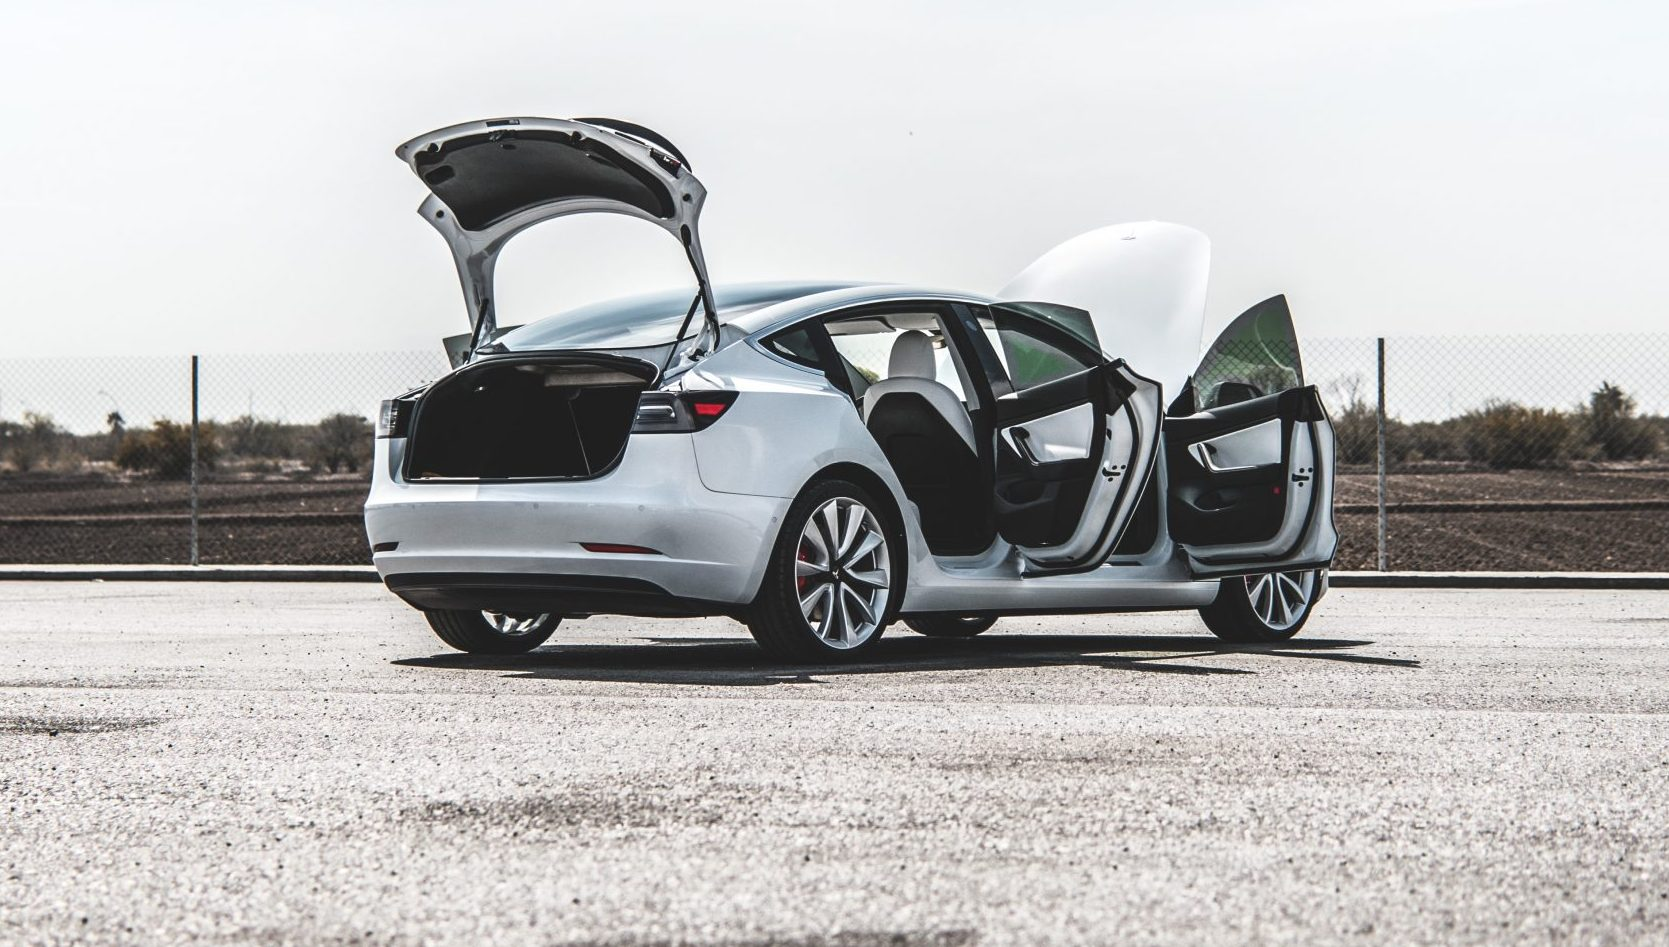 Элон Маск из Tesla предлагает бесплатное обновление двери багажного отделения с электроприводом для клиента Model 3, прикованного к инвалидной коляске